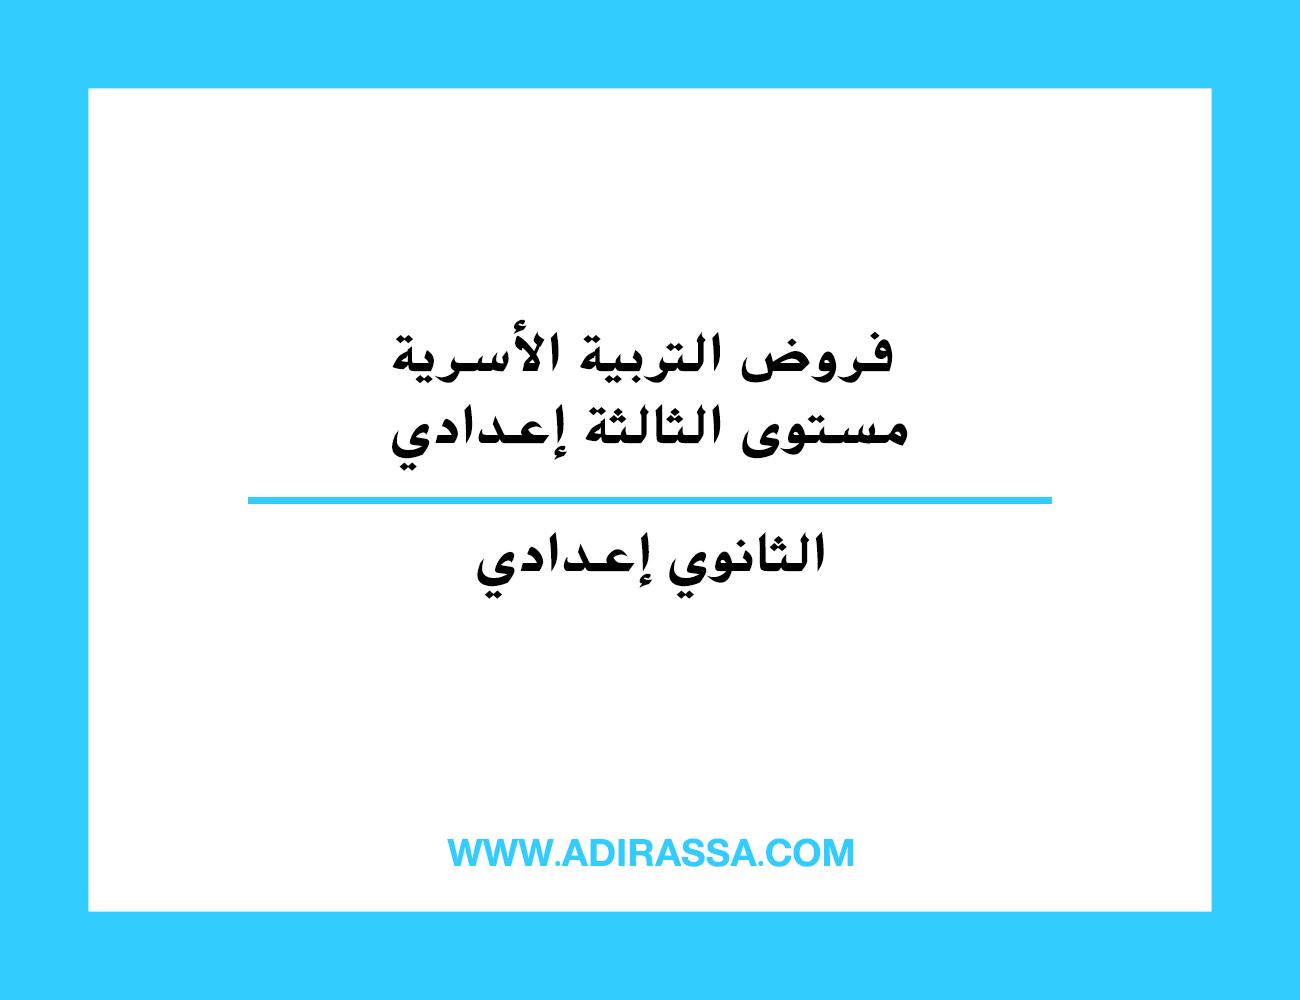 فروض التربية الأسرية مستوى الثالثة إعدادي المقررة في المدرسة المغربية